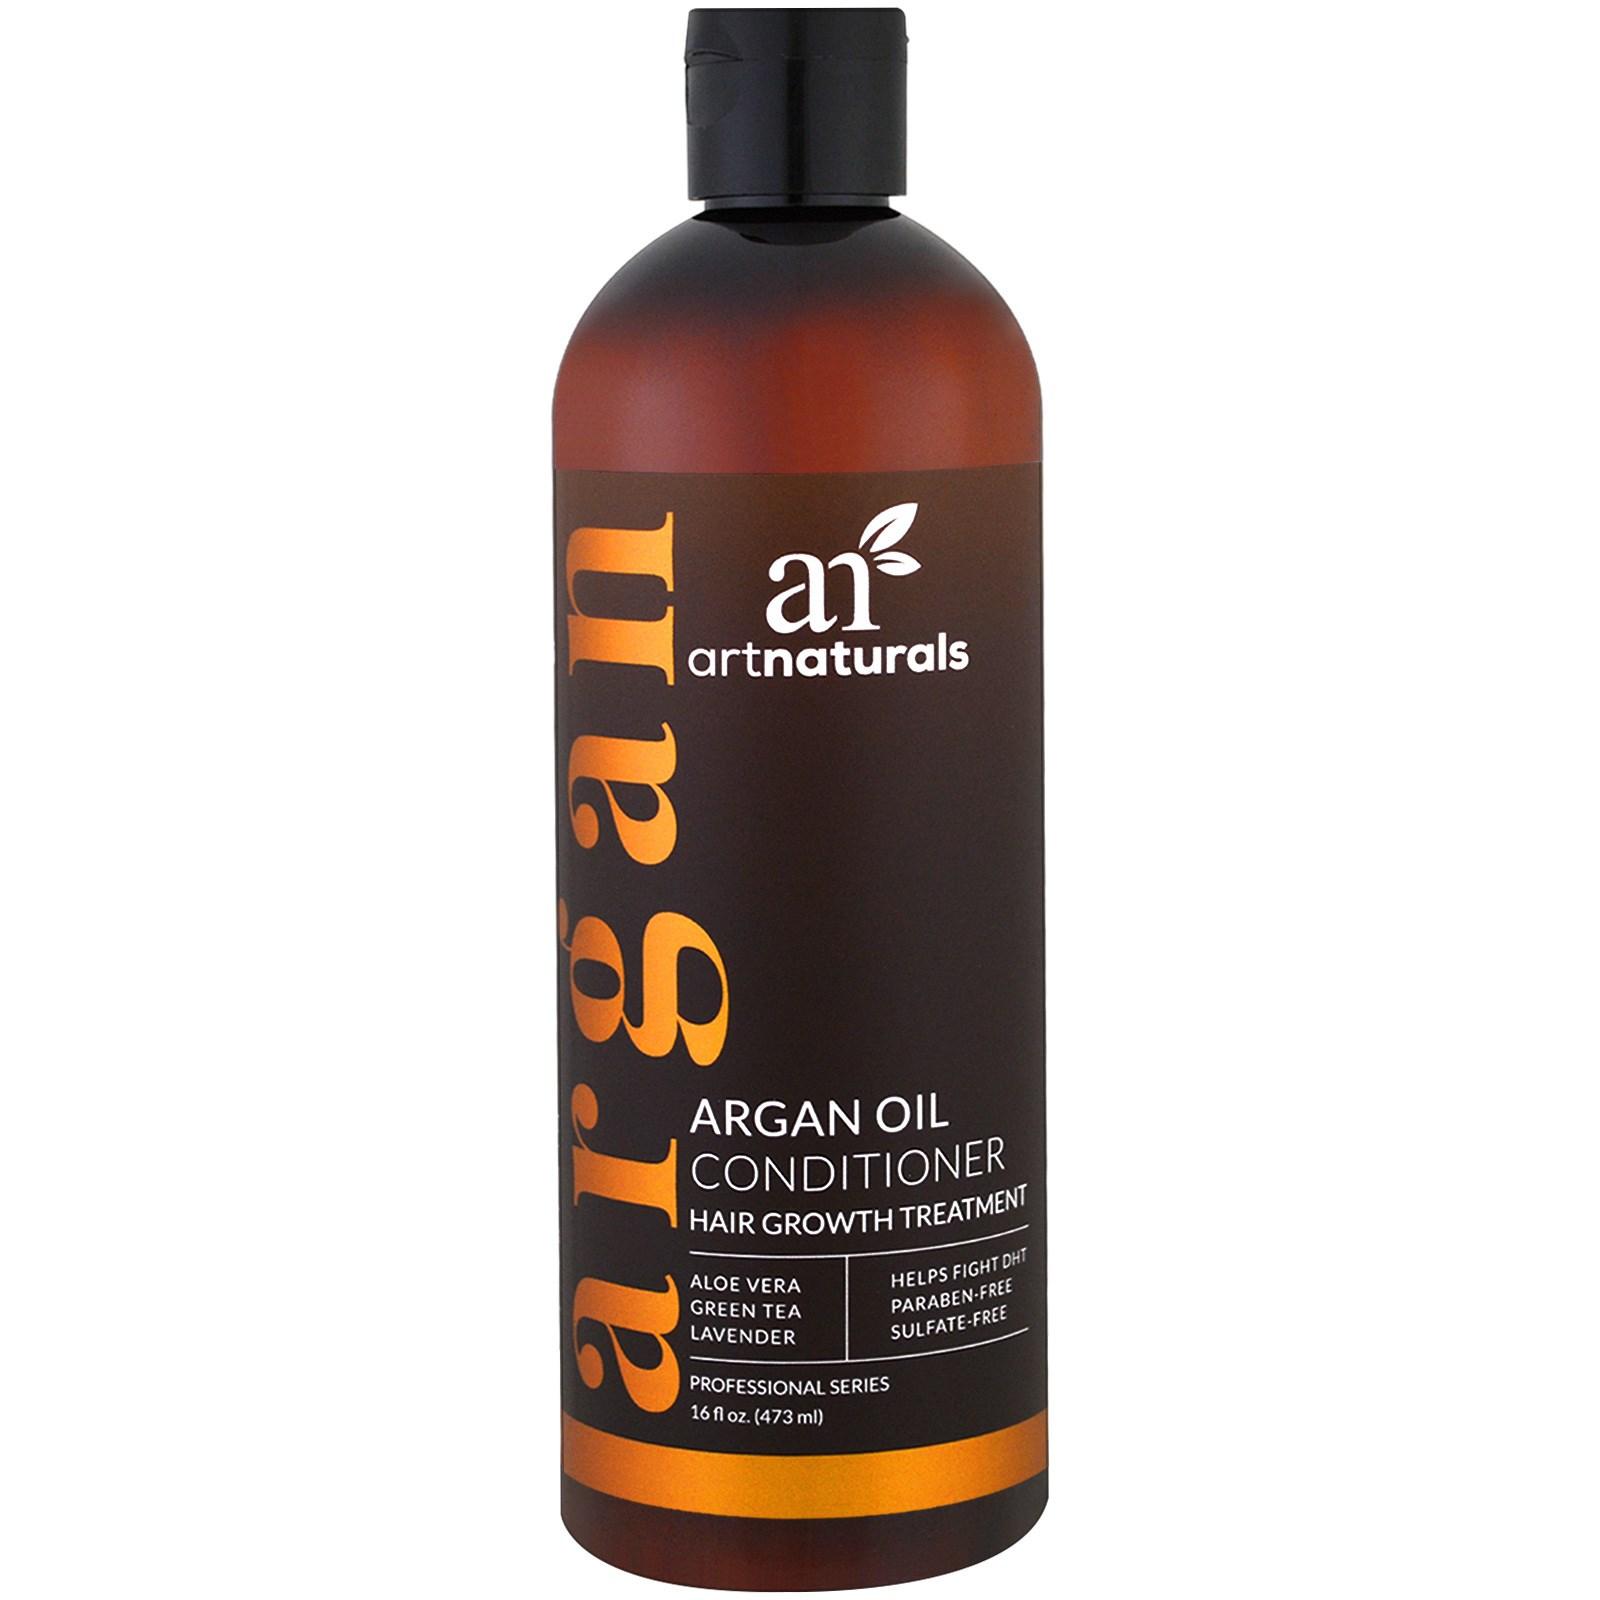 Artnaturals, Кондиционер с аргановым маслом, Лечение для роста волос, 16 унций (473 мл)